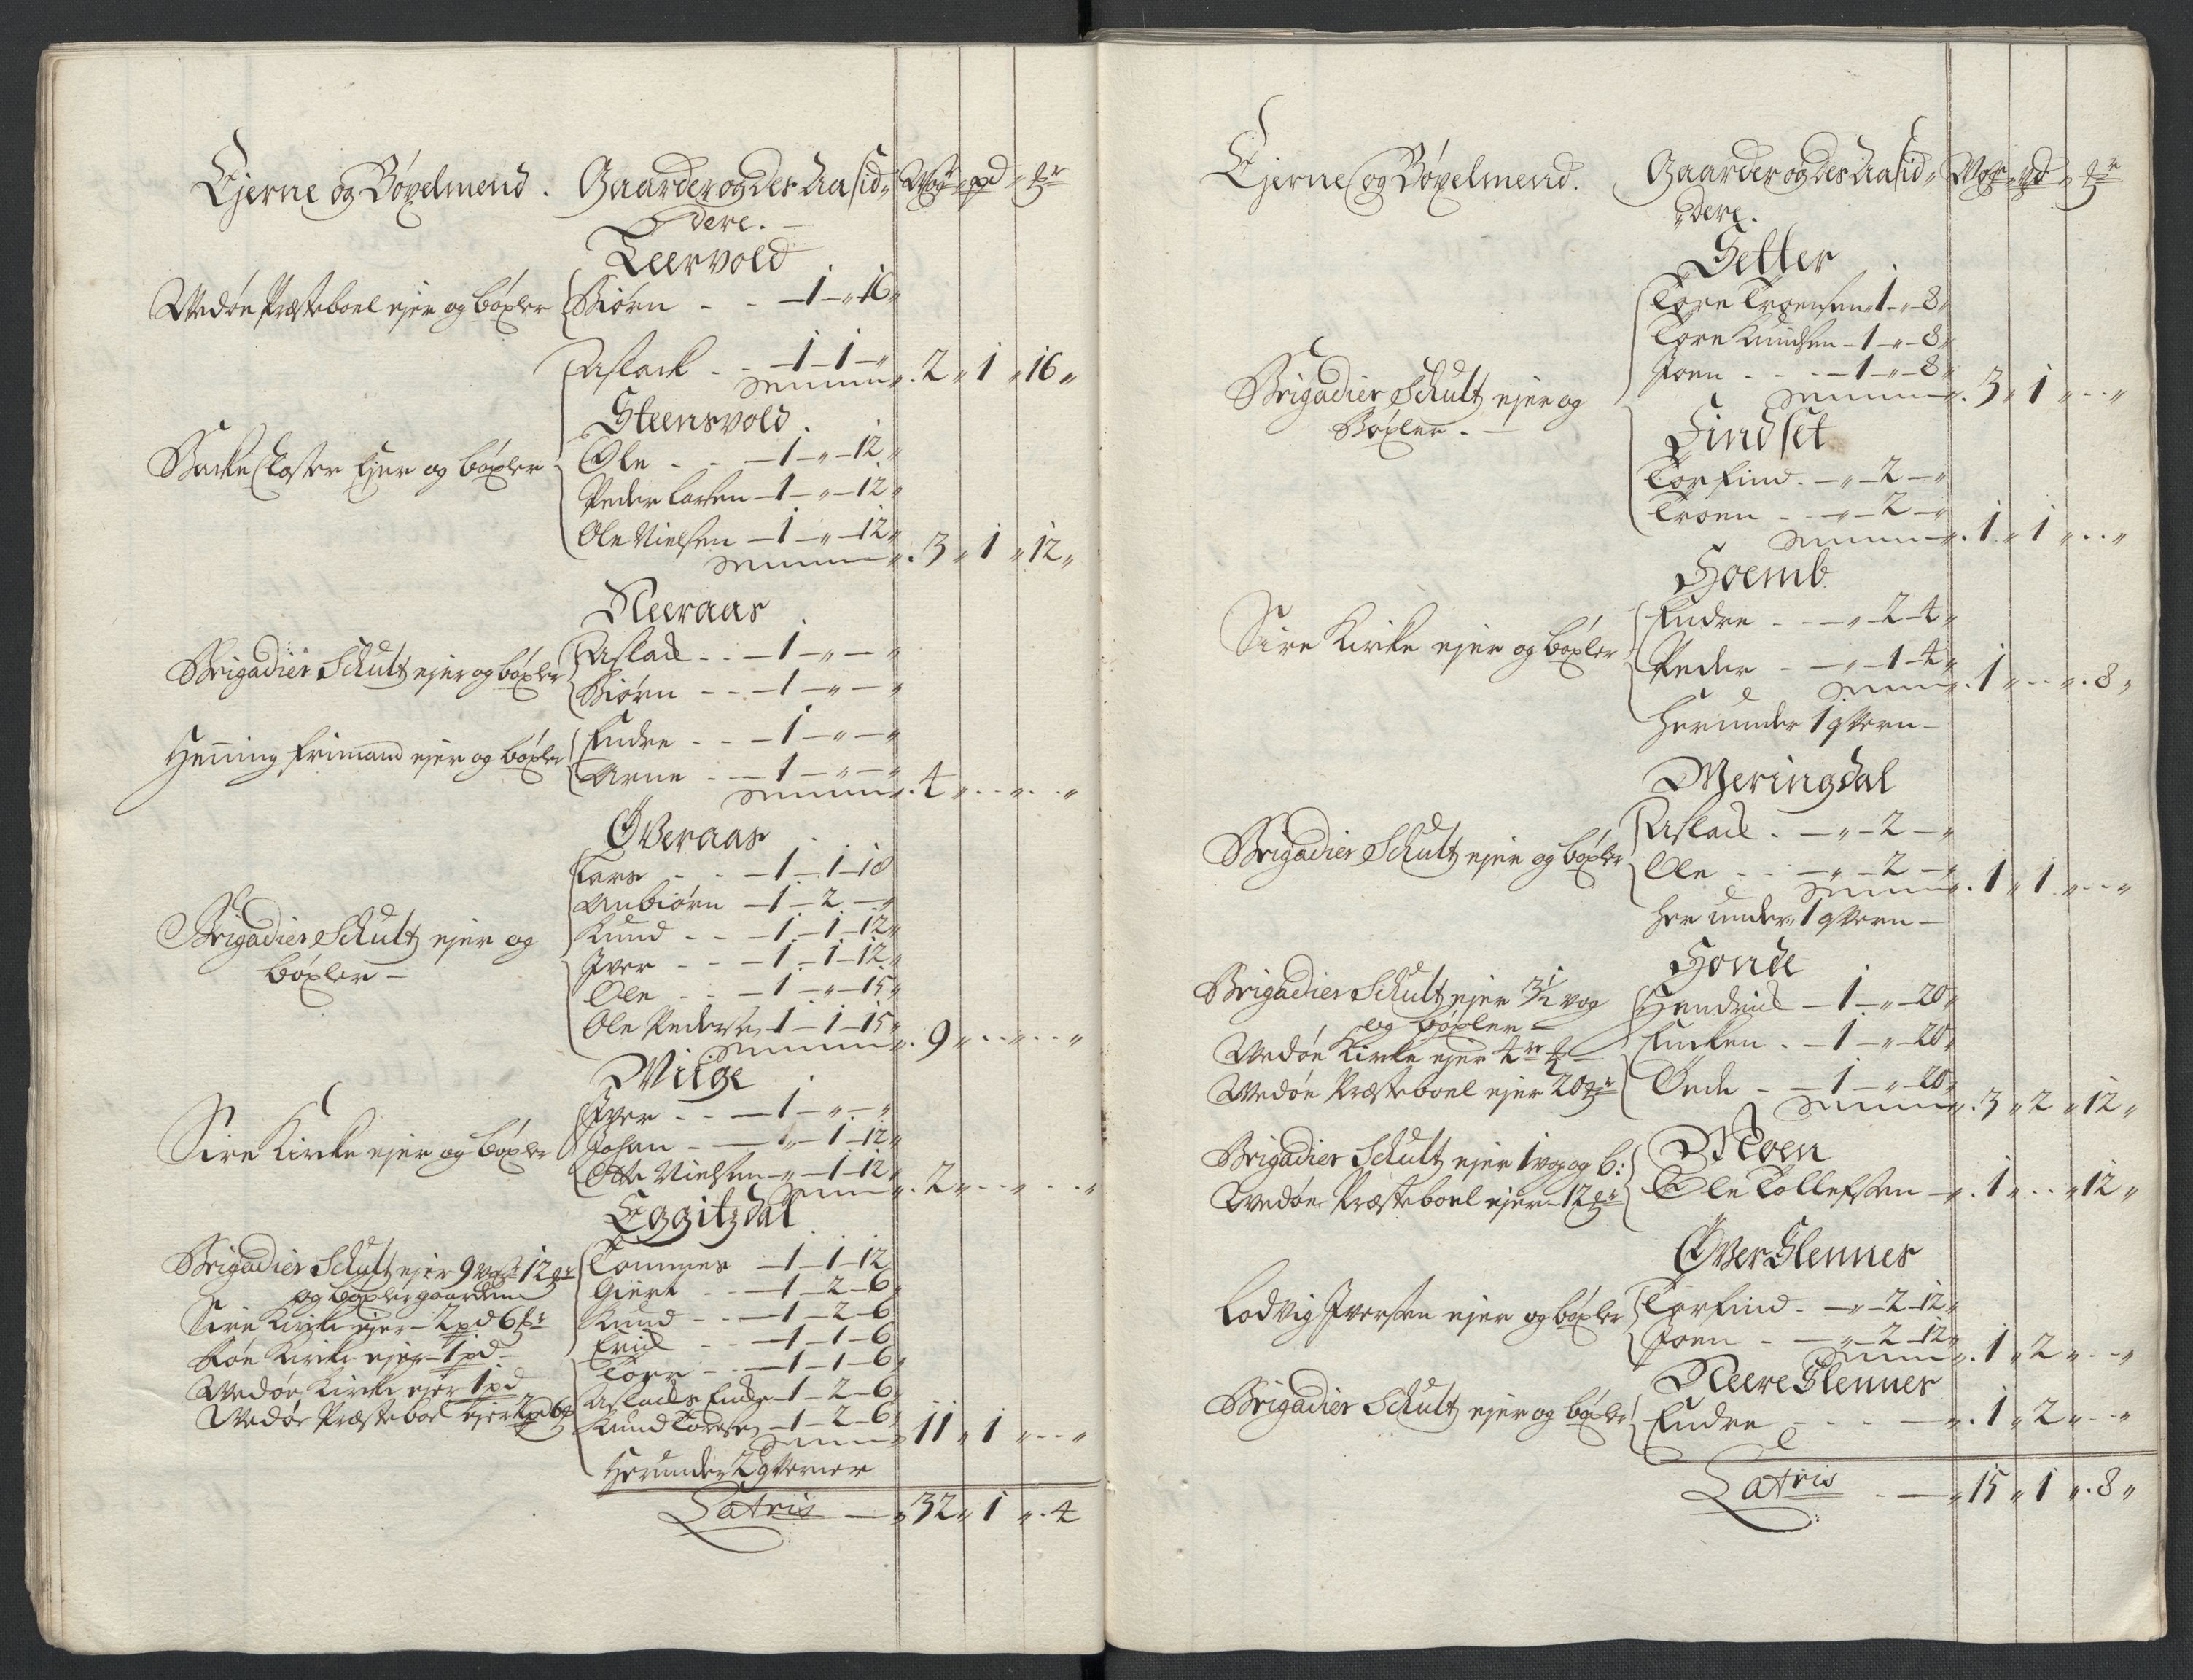 RA, Rentekammeret inntil 1814, Reviderte regnskaper, Fogderegnskap, R55/L3658: Fogderegnskap Romsdal, 1707-1708, p. 29